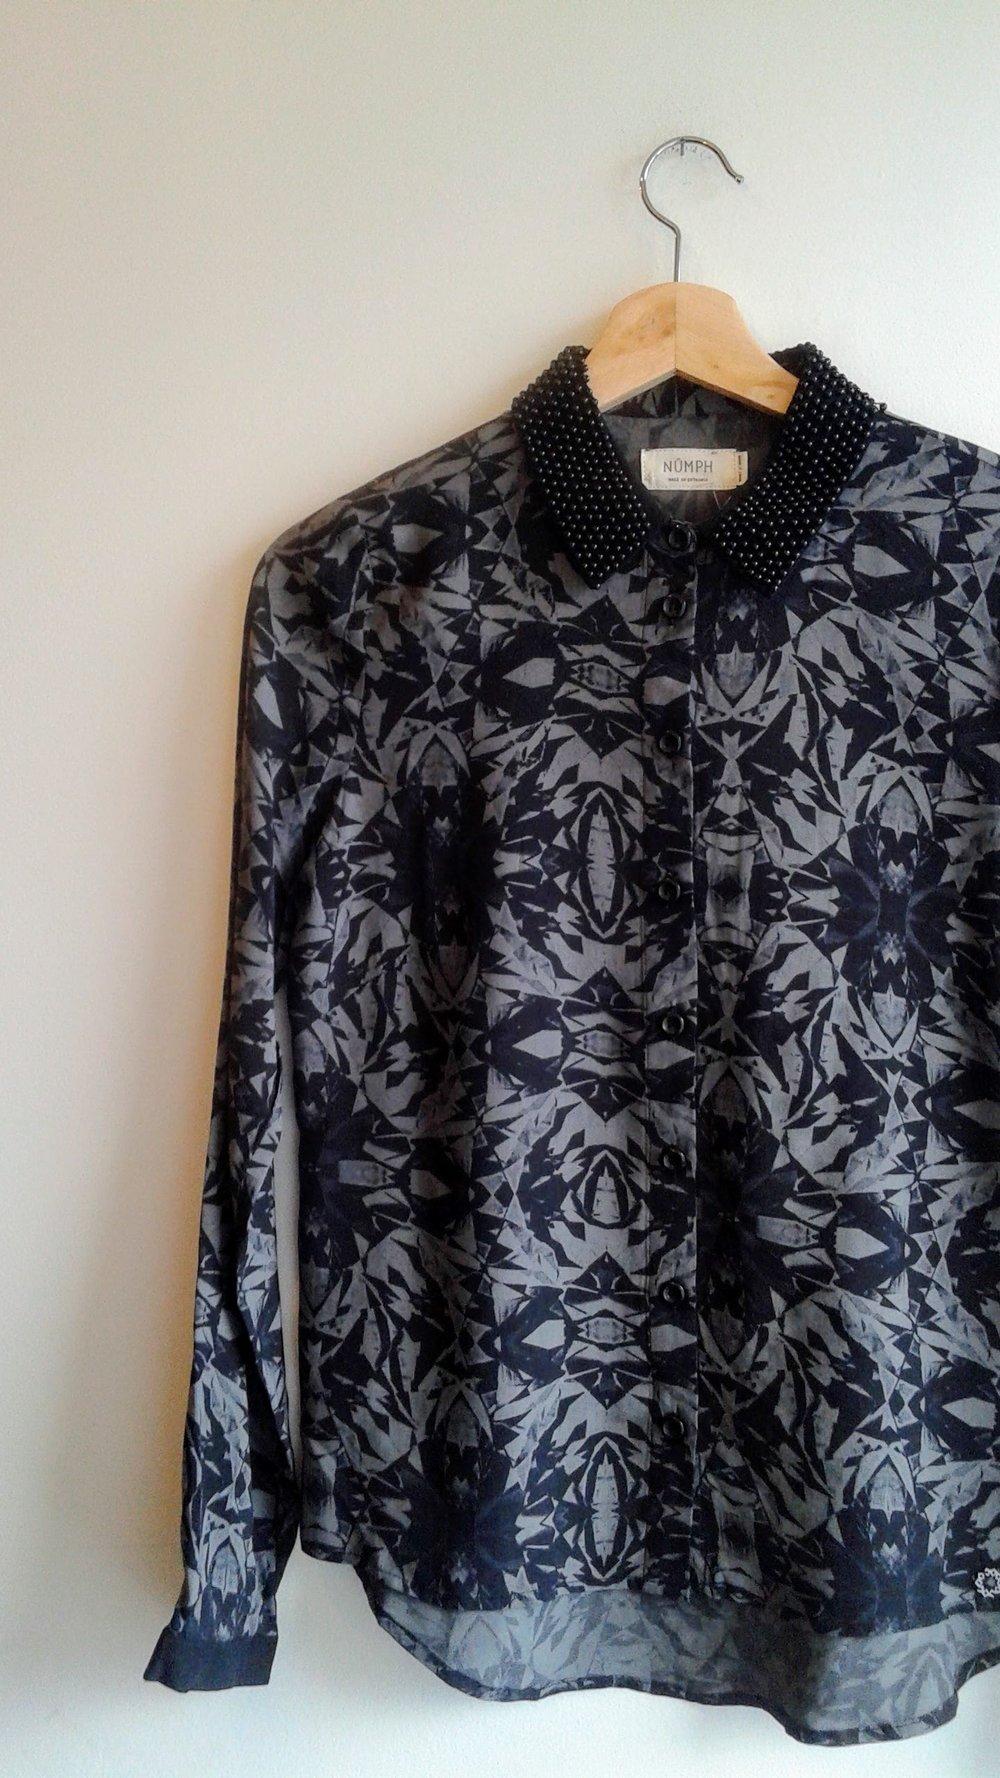 Numph shirt; Size S, $26